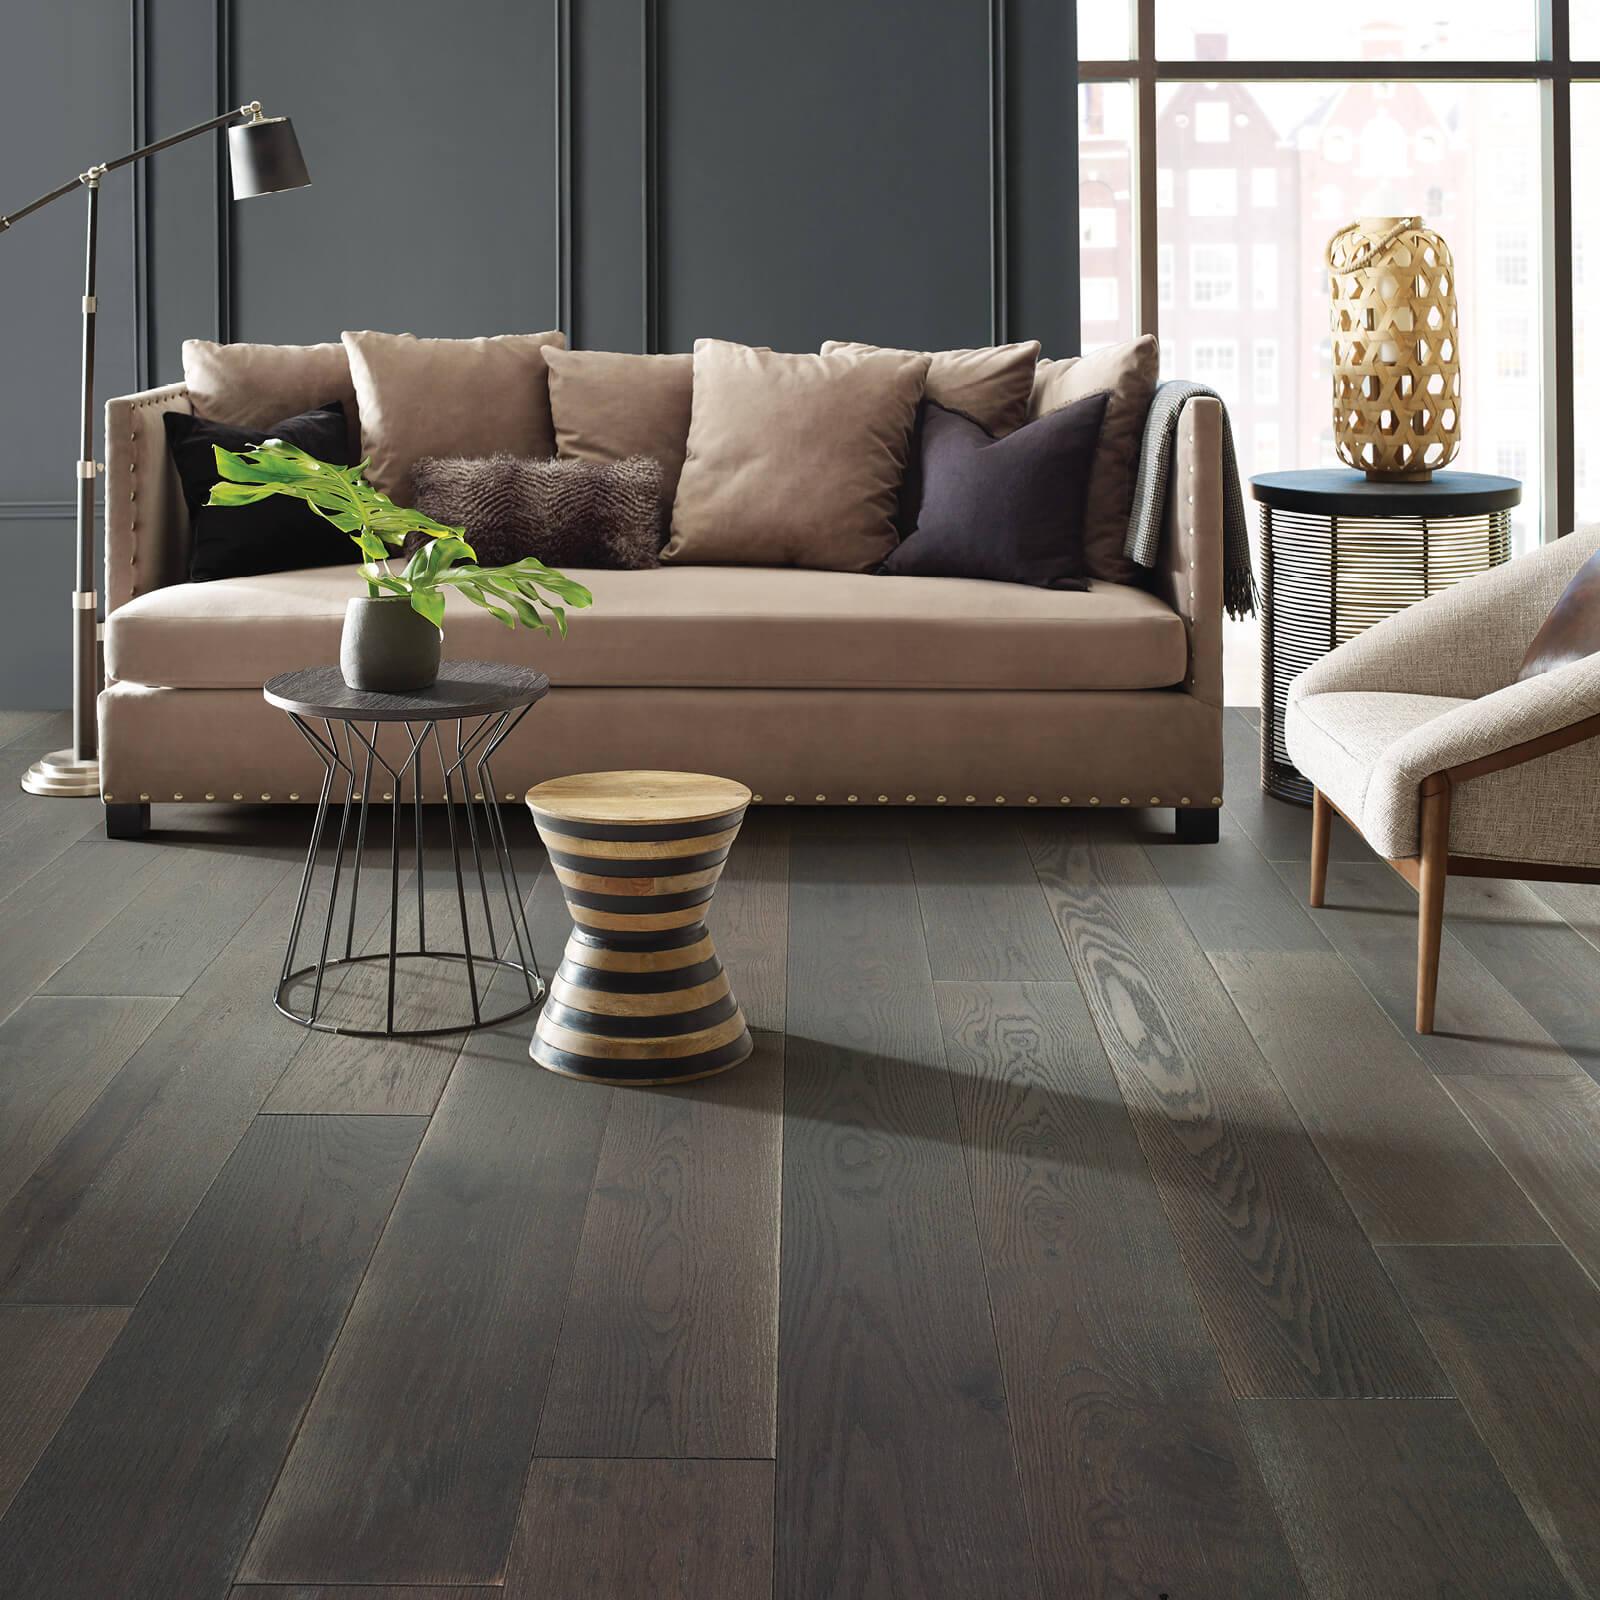 Living room flooring | Flowers Flooring